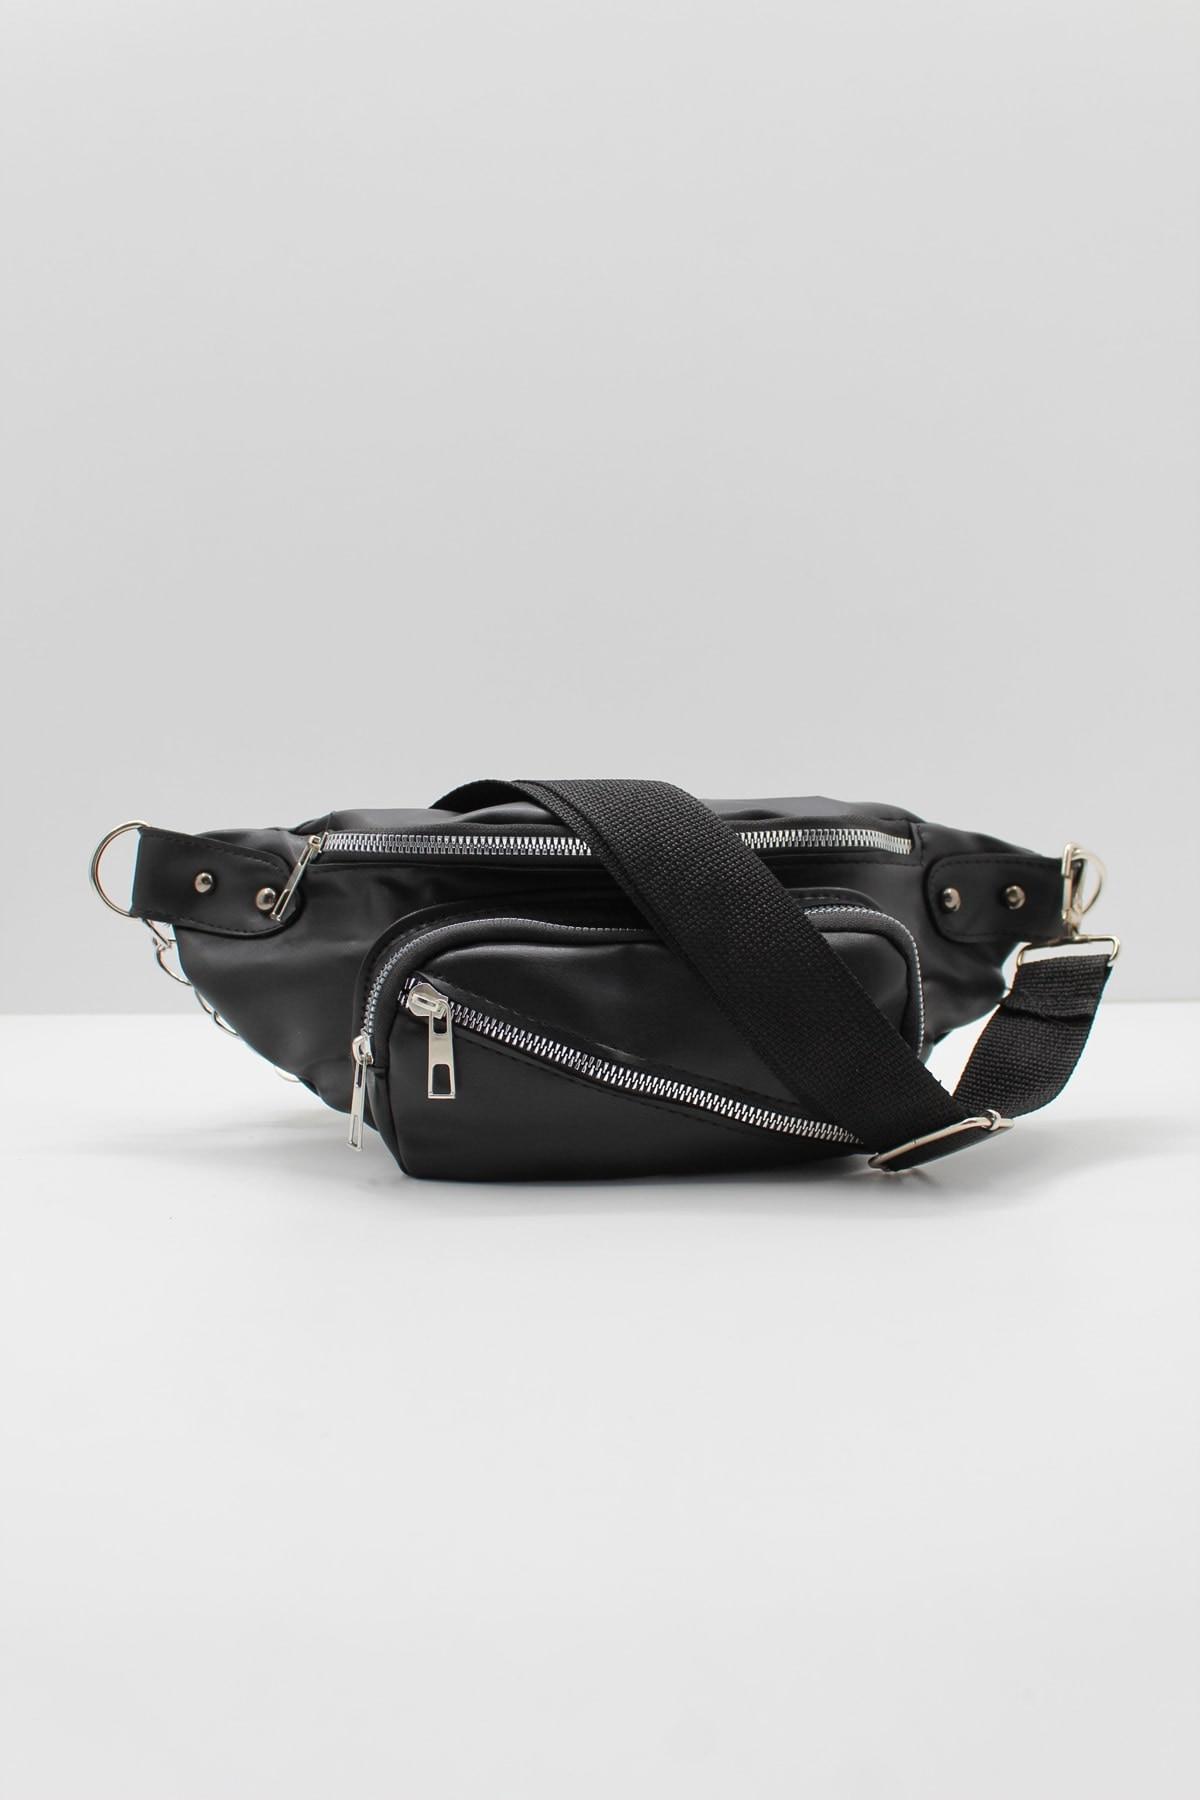 Women's Black Soft Textured Strap Cross Shoulder And Waist Bag сумка женская сумка через плечо bags for women Наплечные сумки шо